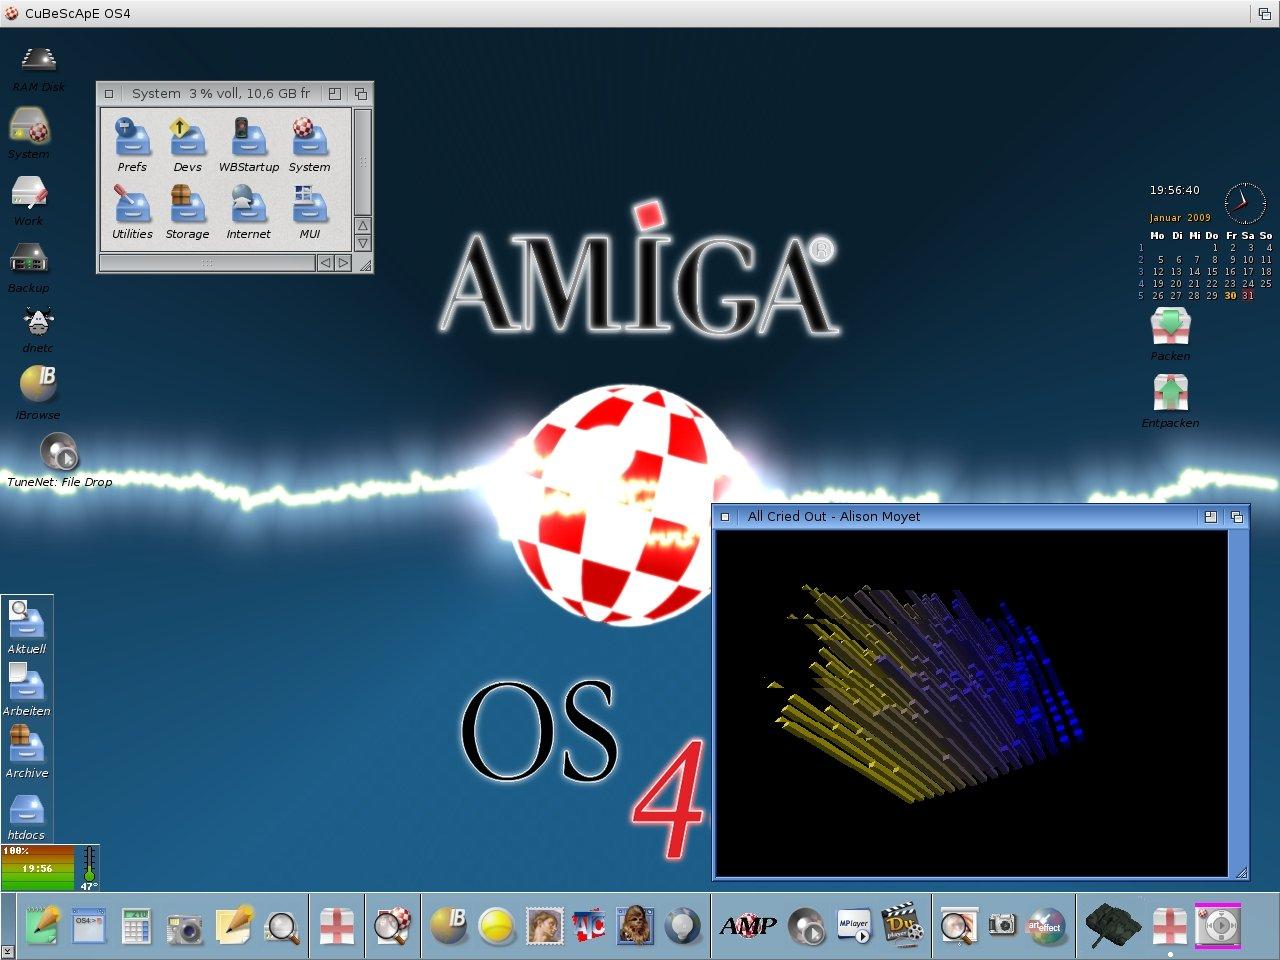 AmigaOS 4.1 Workbench 2009